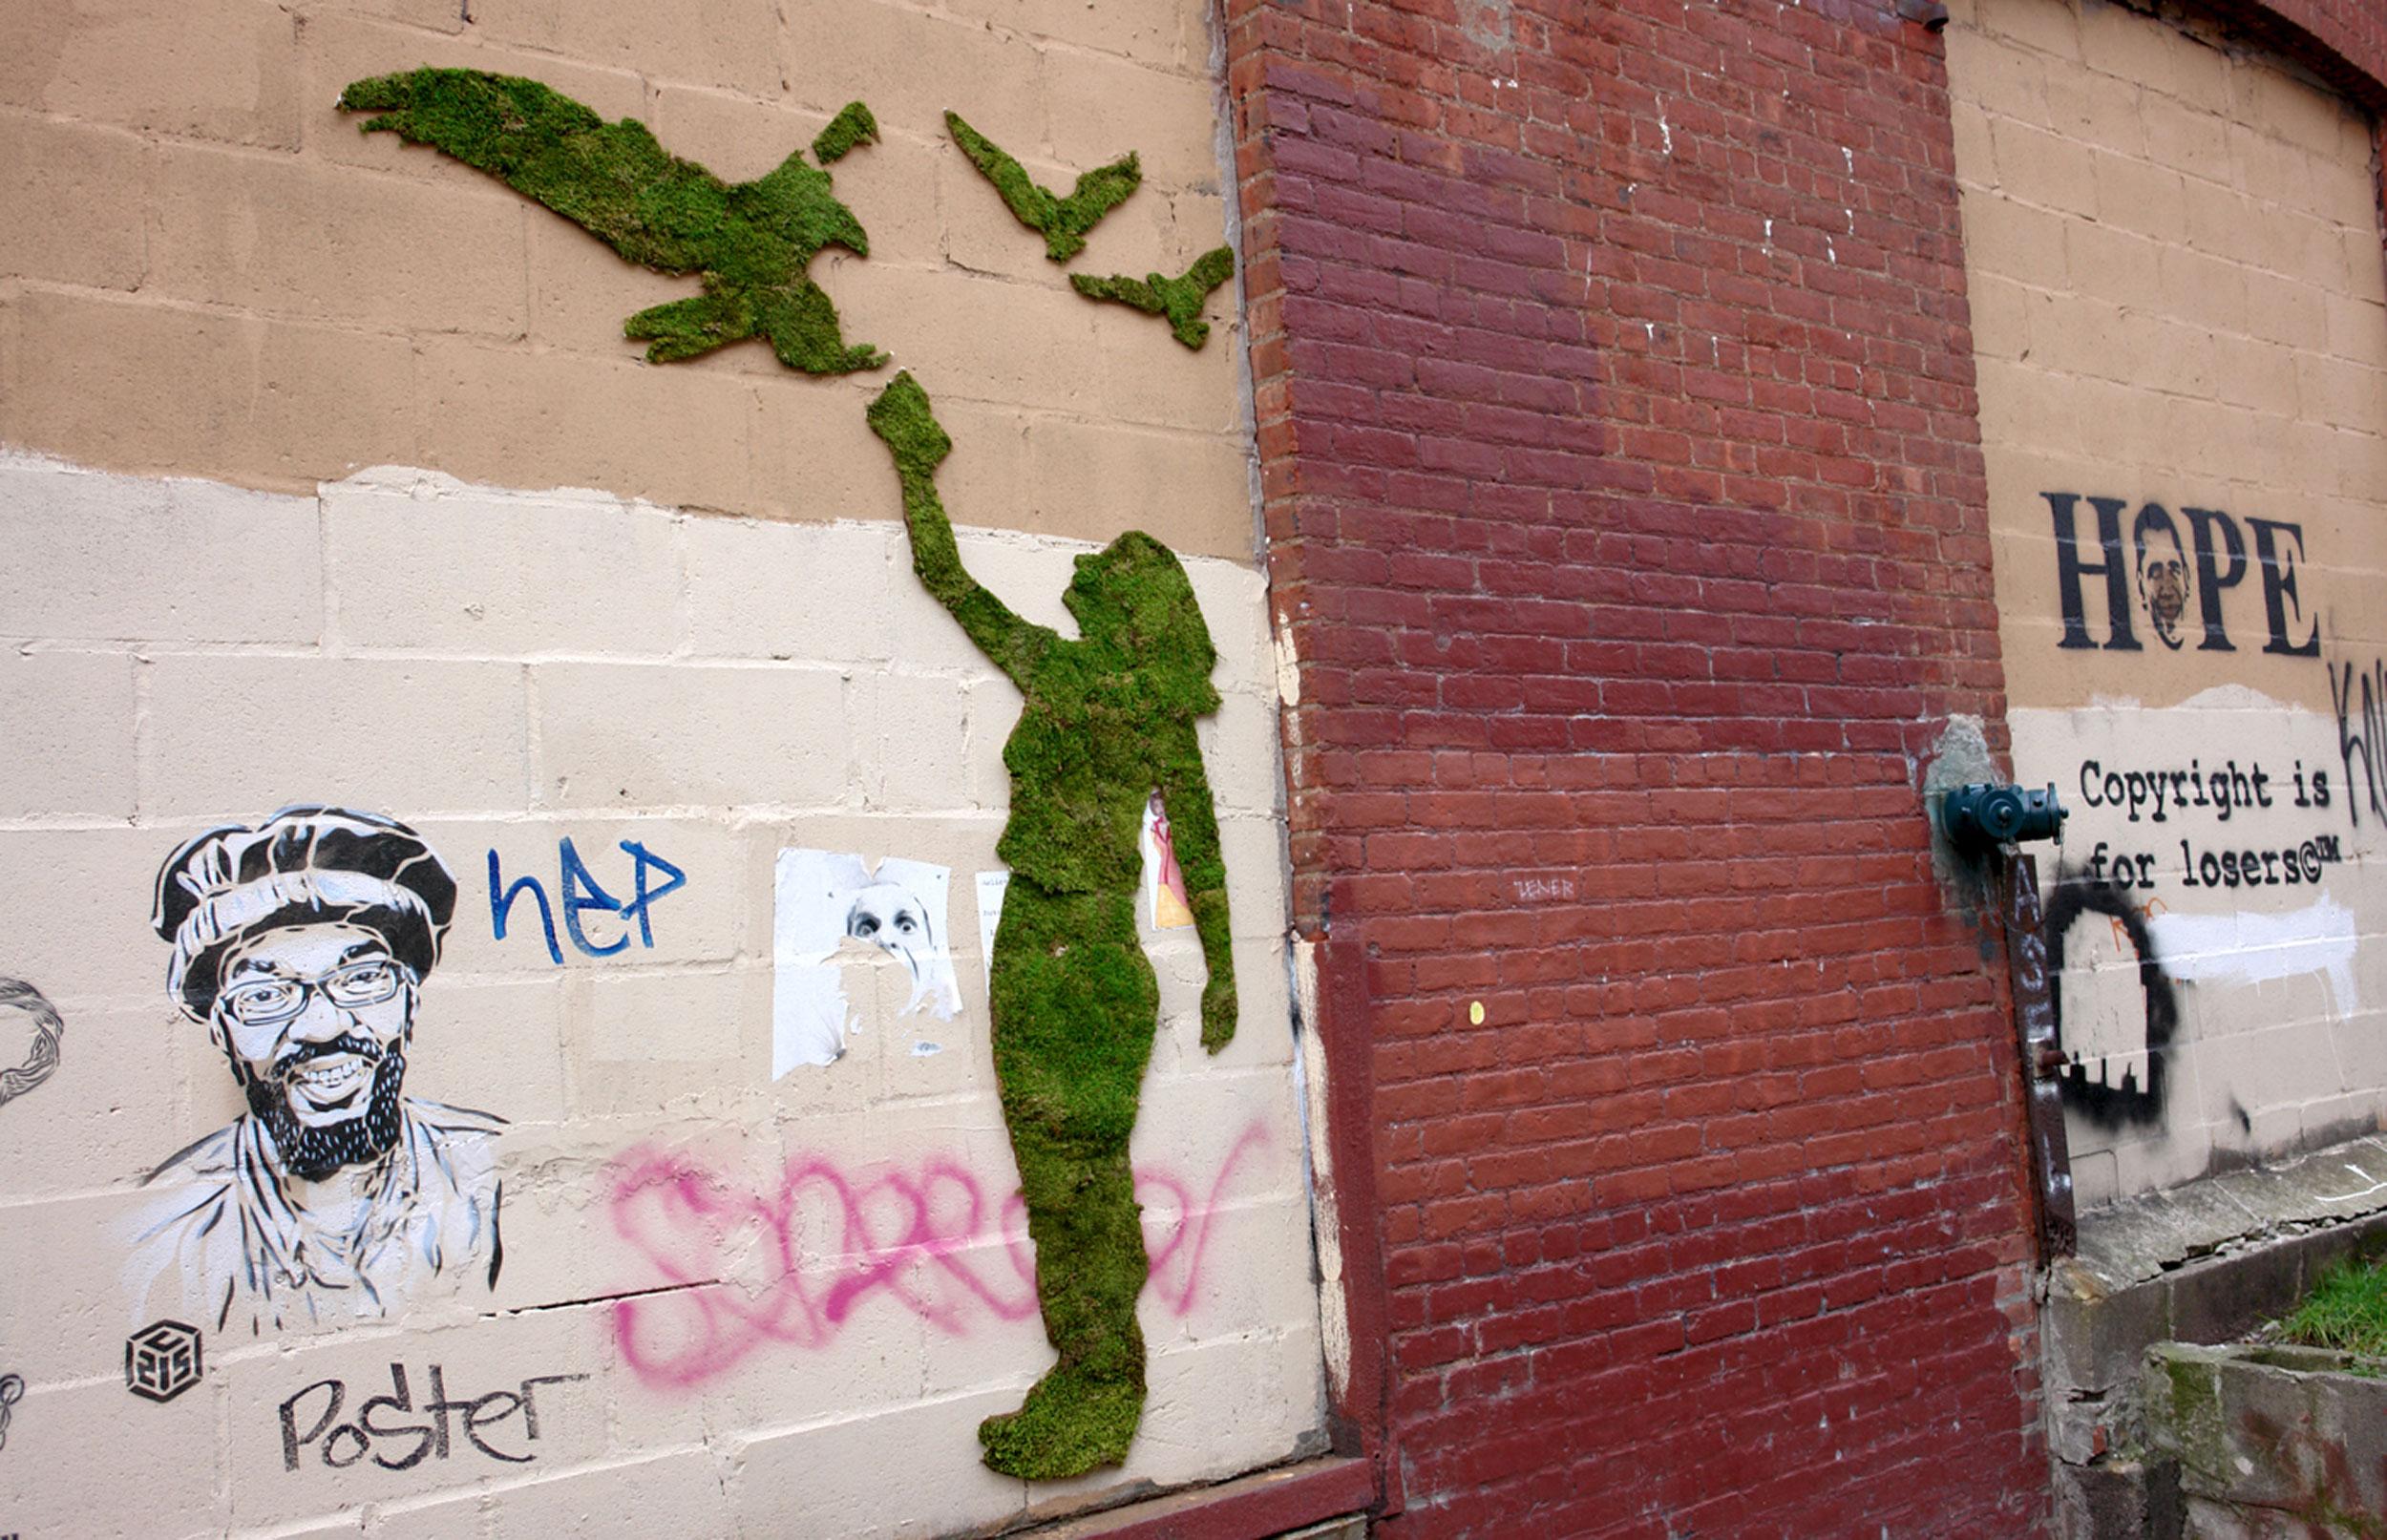 Lav miljøvenlig graffiti af mos